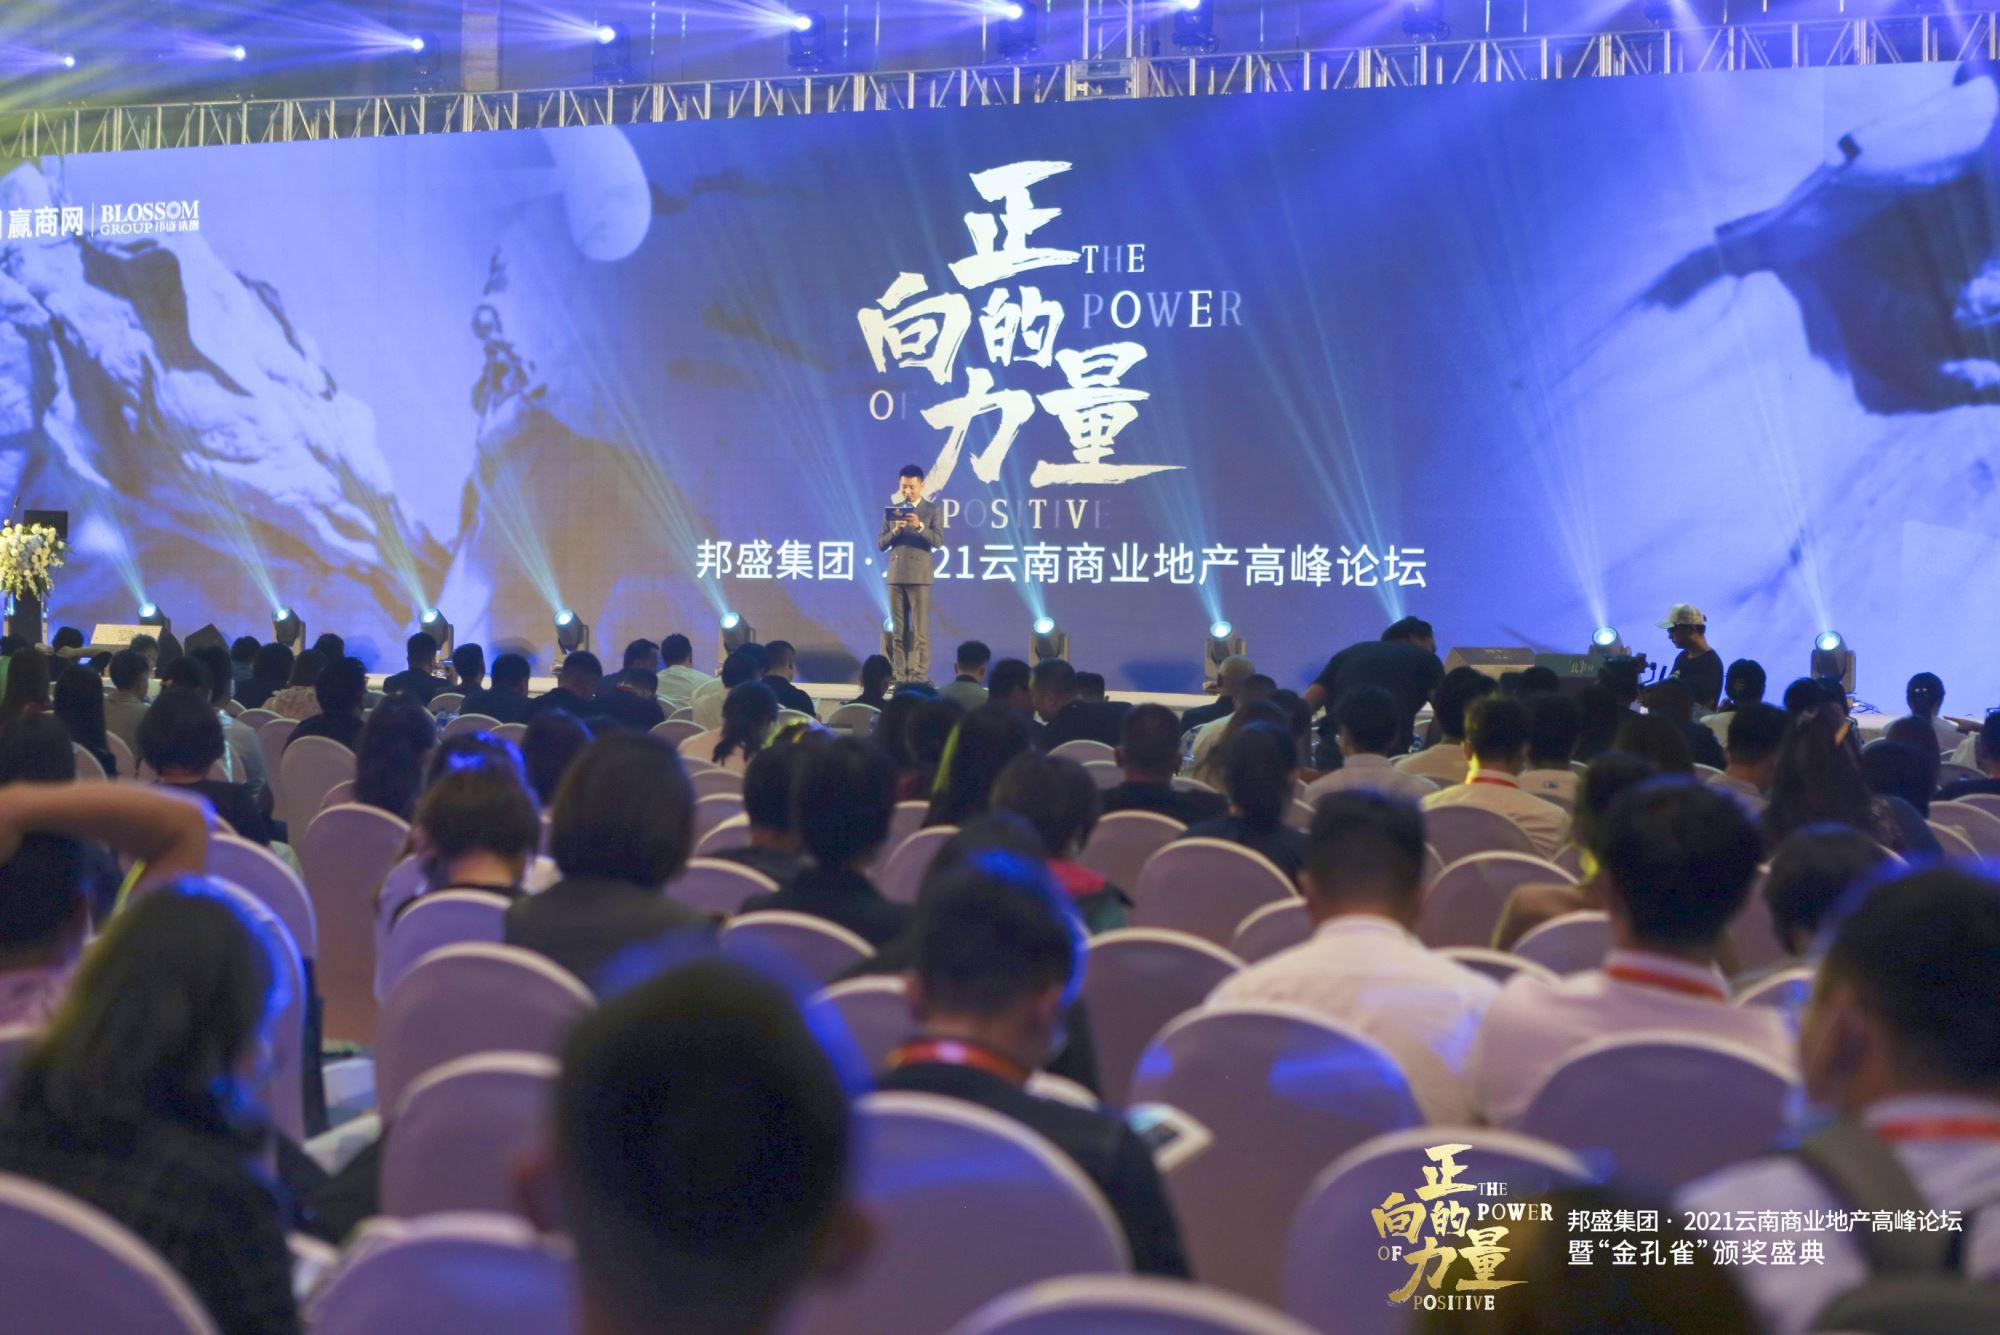 """3200红茶文化苑荣获2021云南""""年度典范文旅商业项目""""奖"""